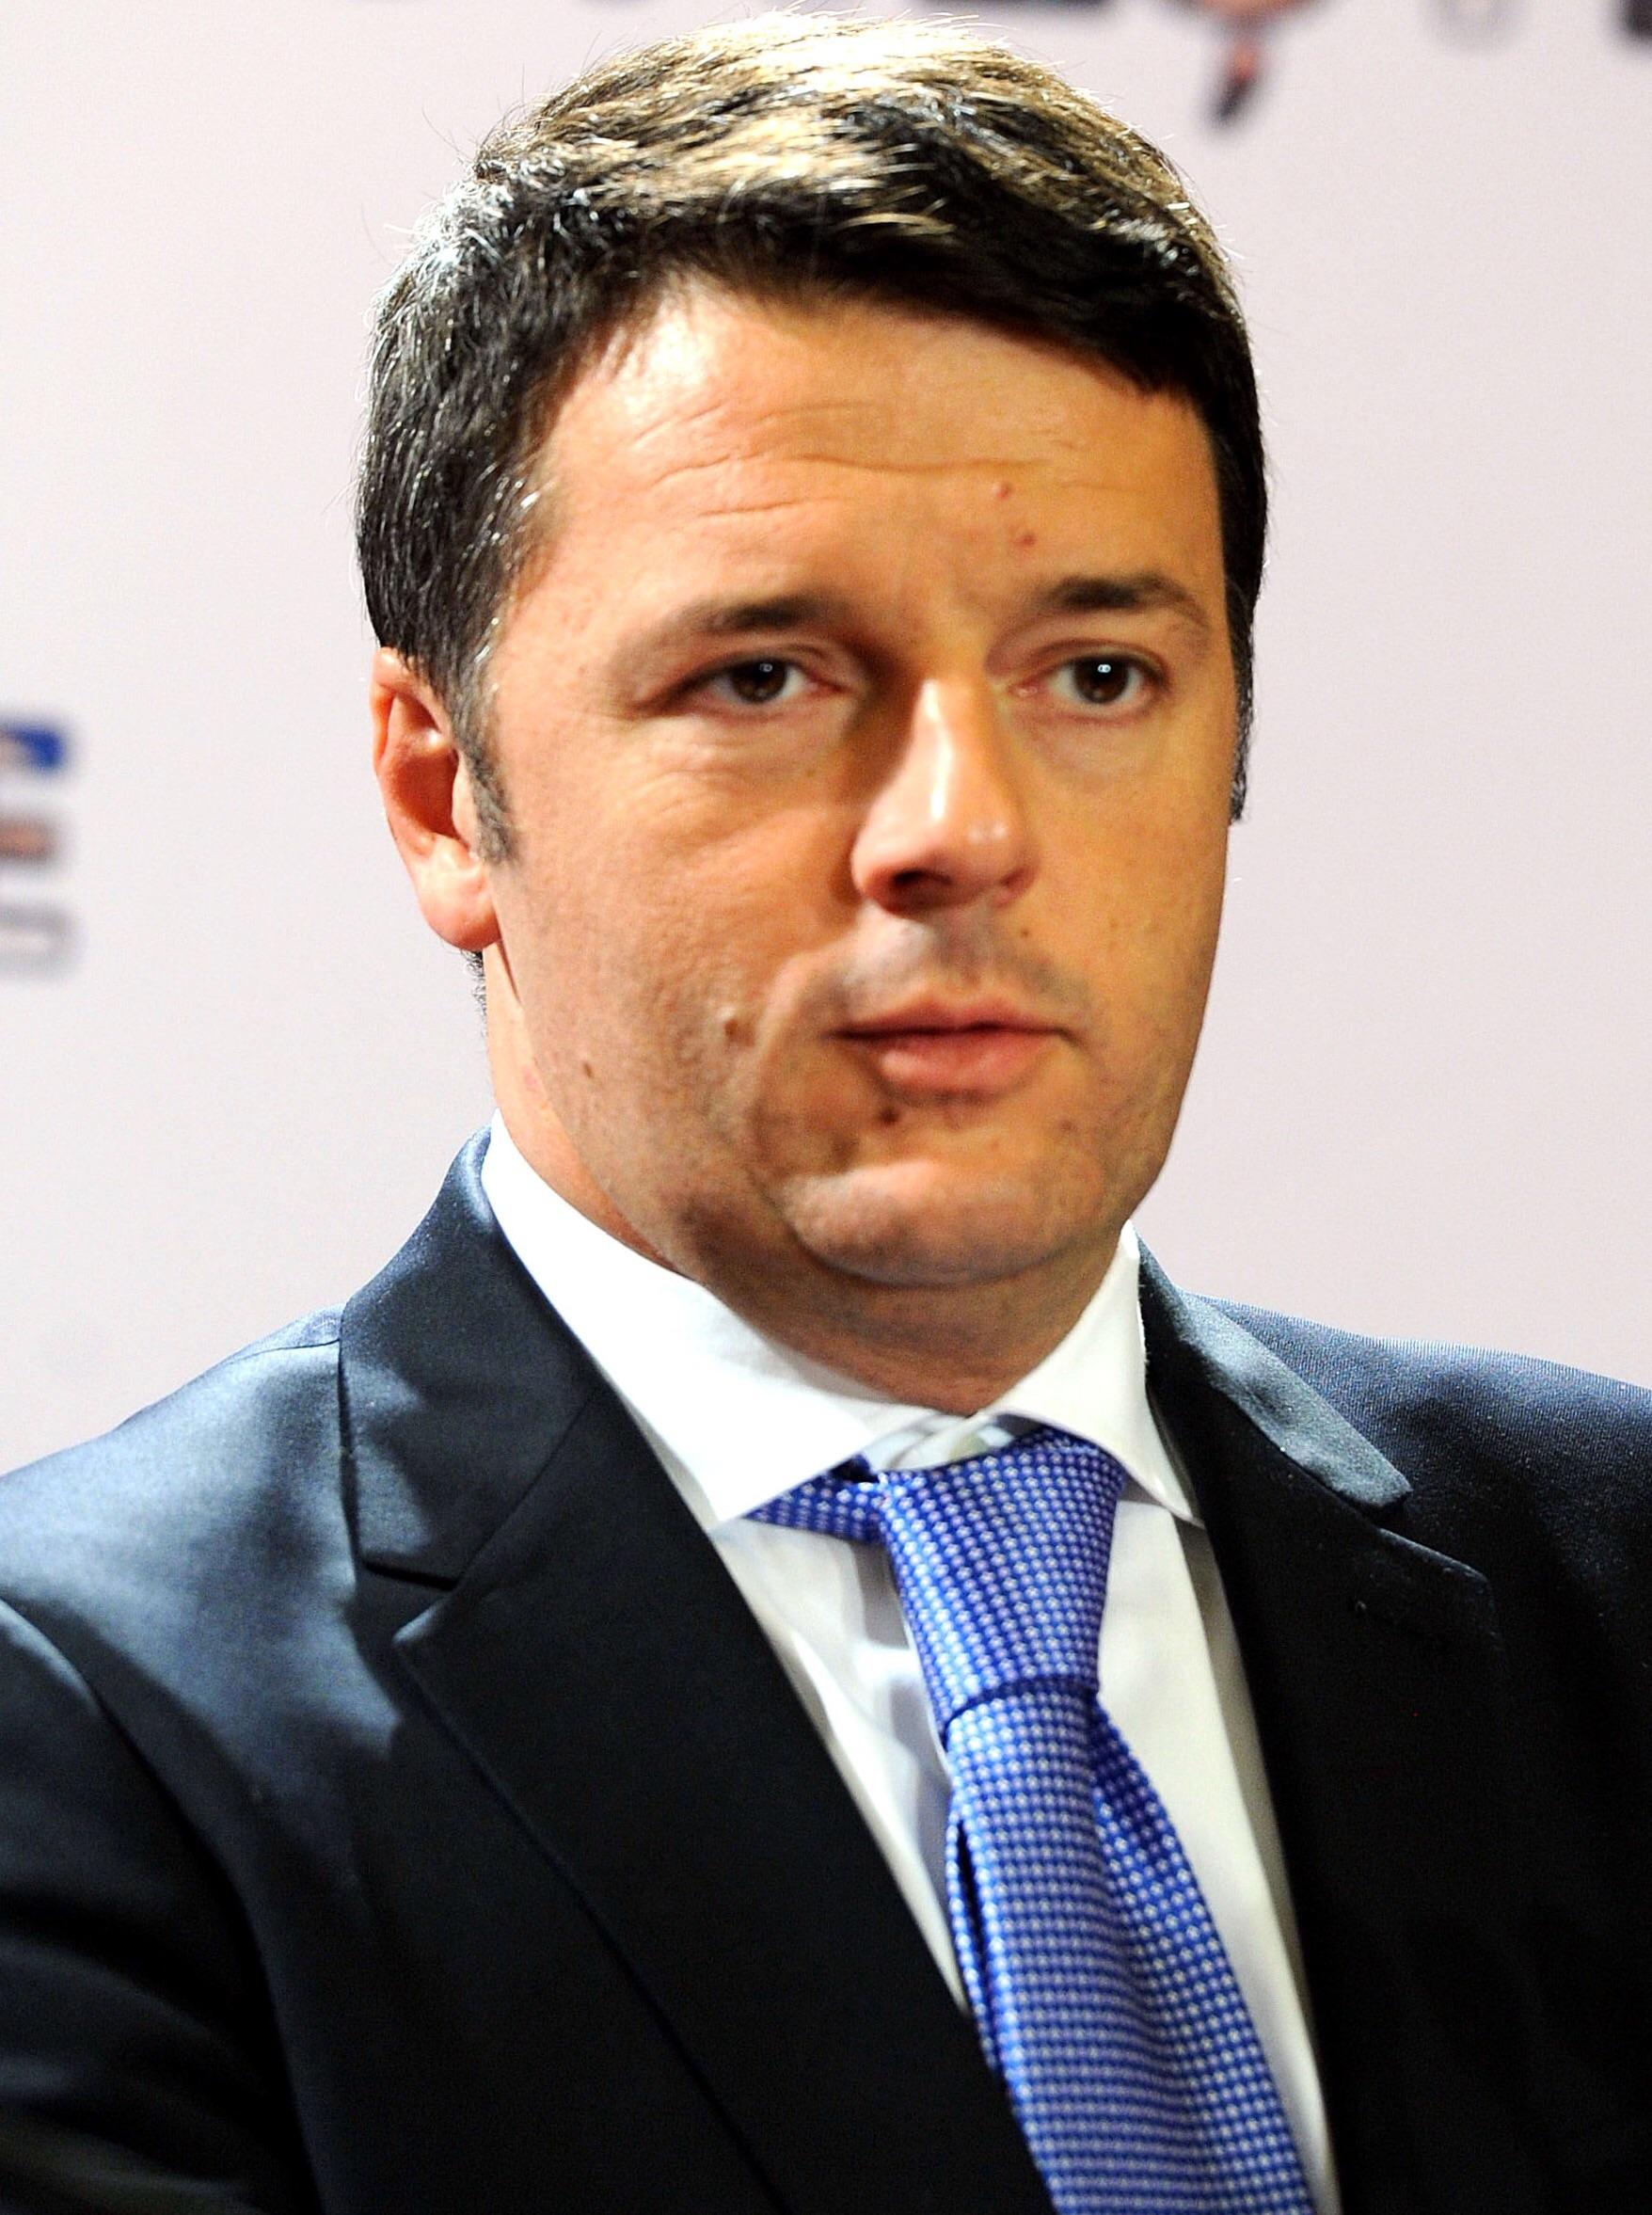 File:Matteo Renzi 2.jpg - Wikimedia Commons